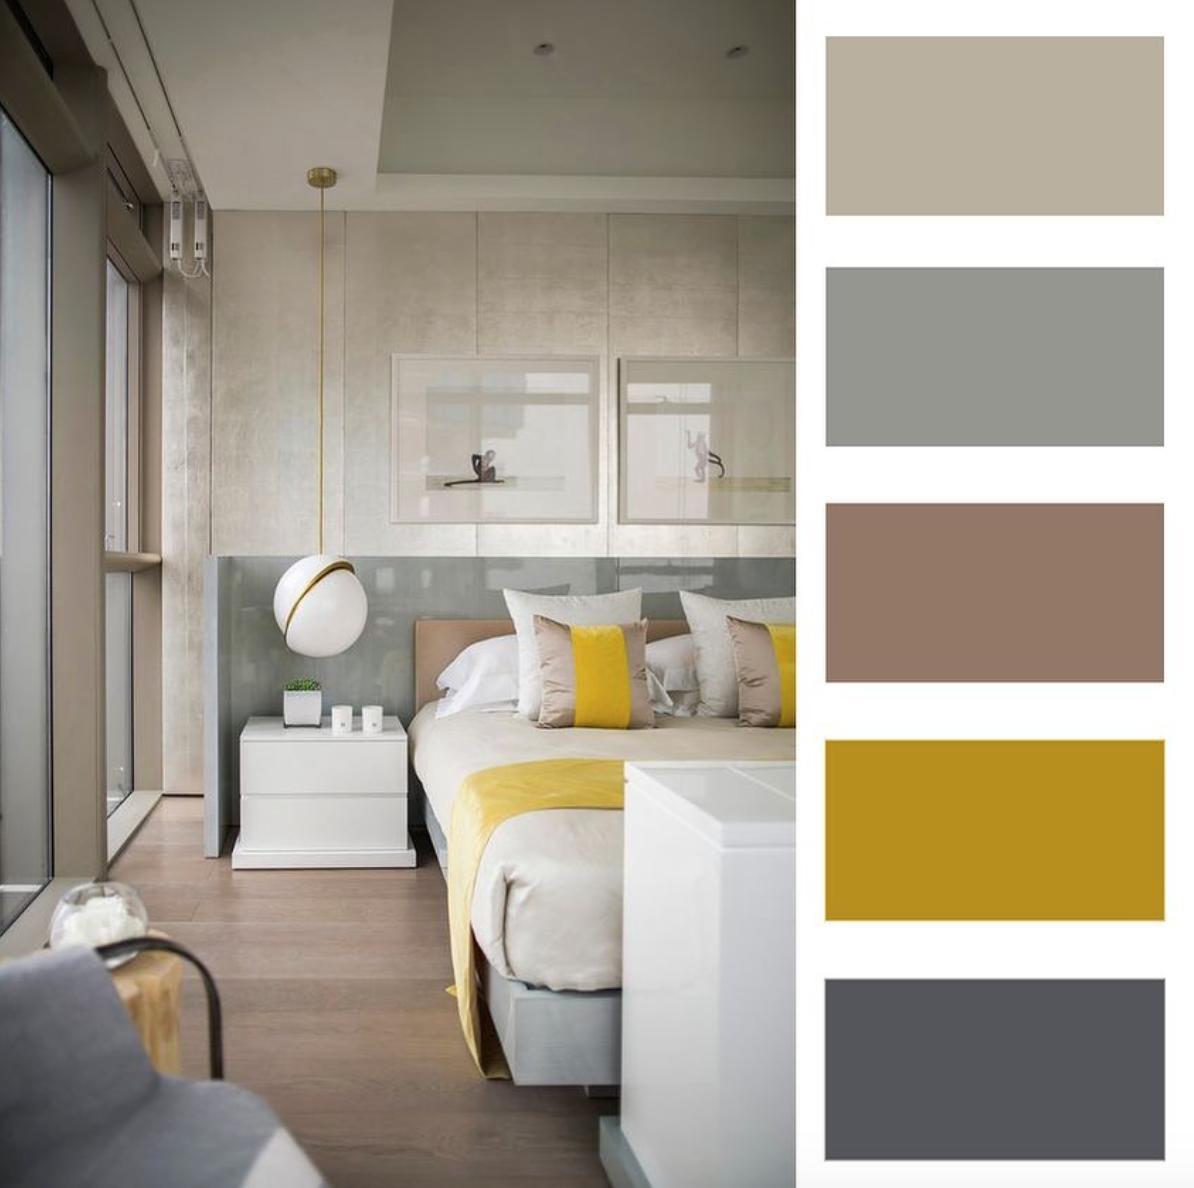 Farebné kombinácie - inšpirácie do interiéru - Obrázok č. 61